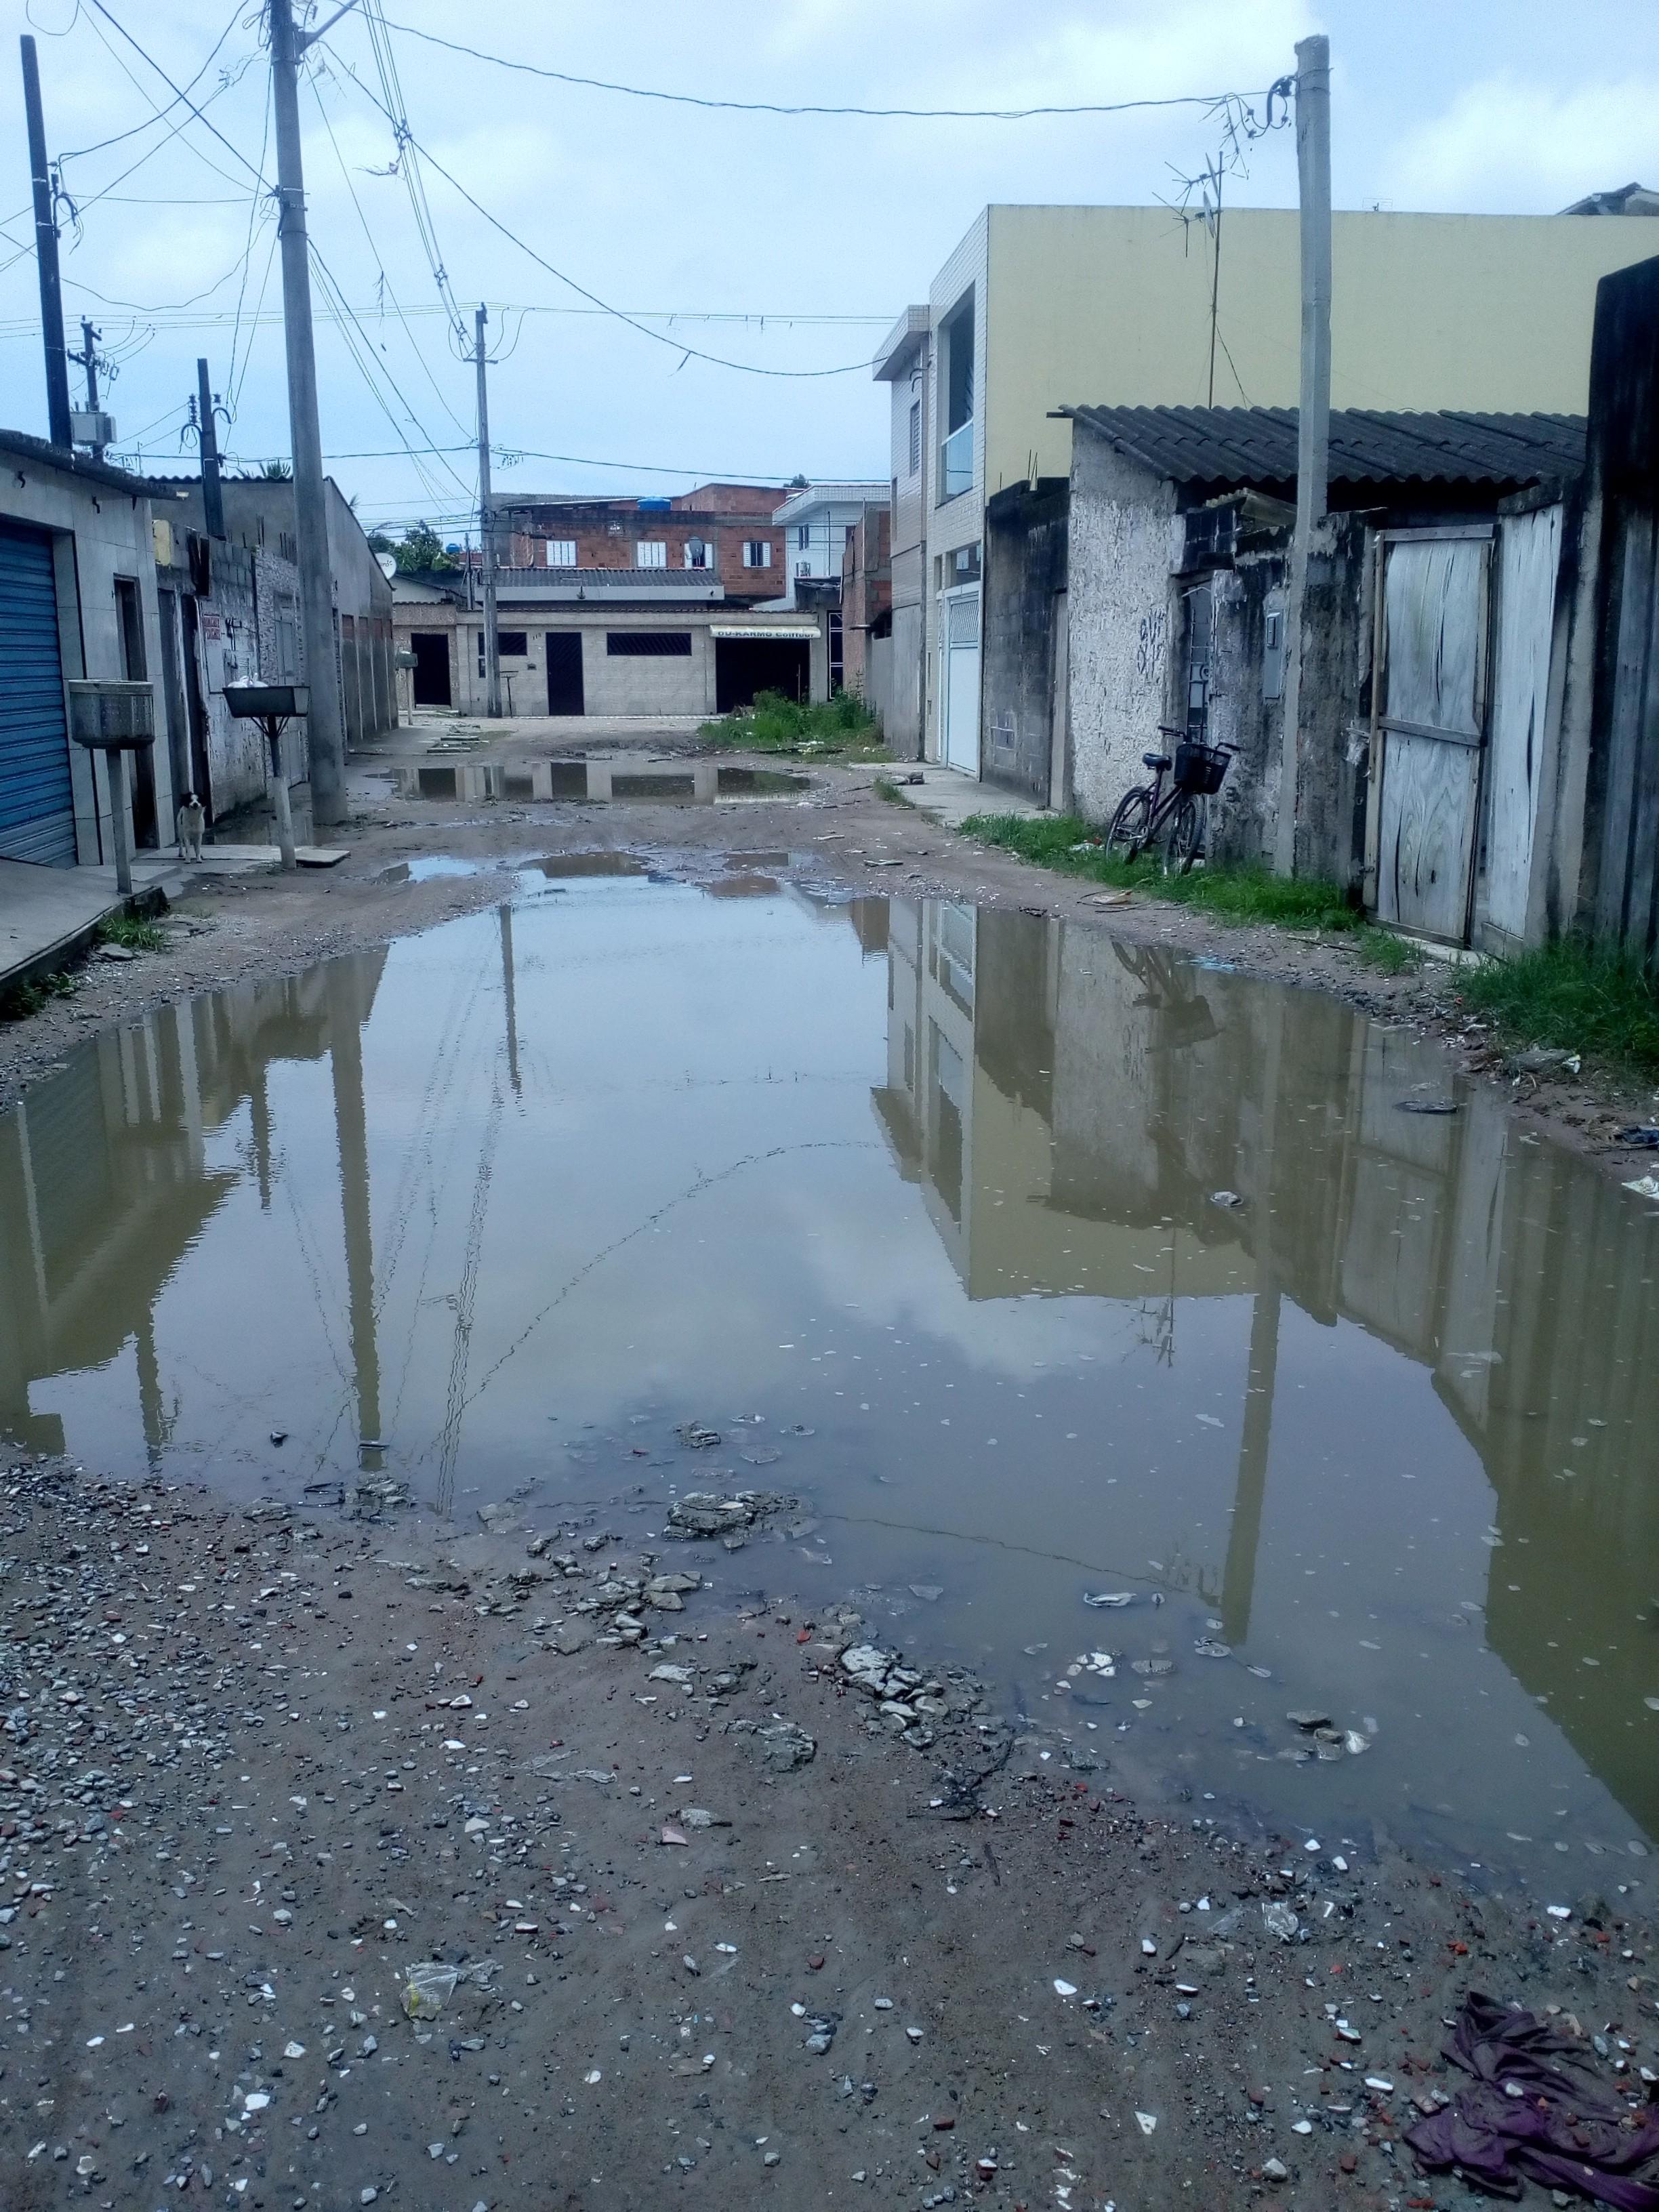 Ruas de bairro em São Vicente, SP, viram 'piscinões' em dias de chuva - Radio Evangelho Gospel